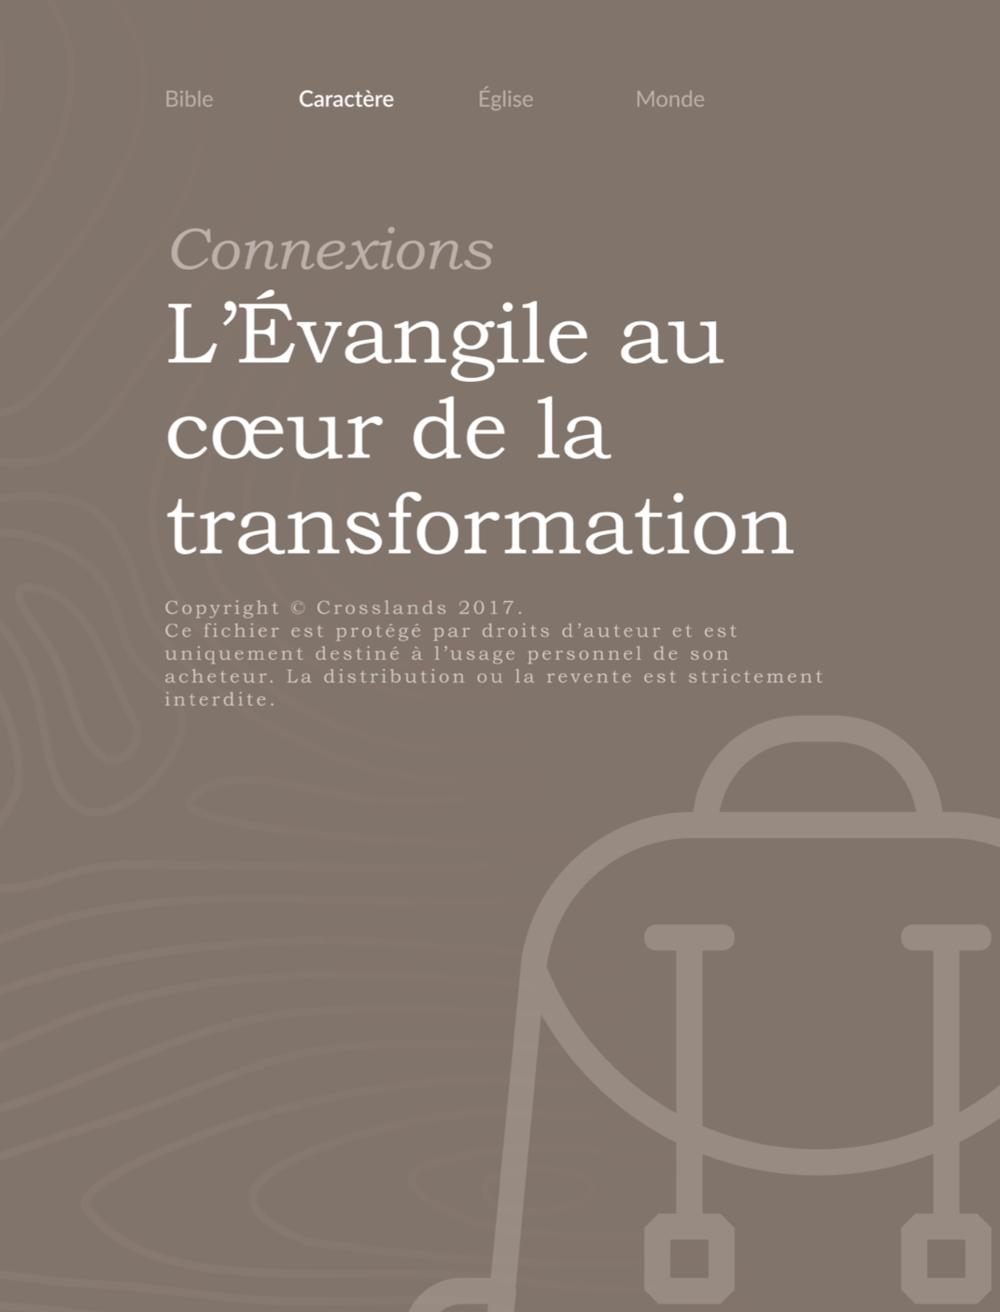 L'Évangile au cœur de la transformation_sample_published.1.png